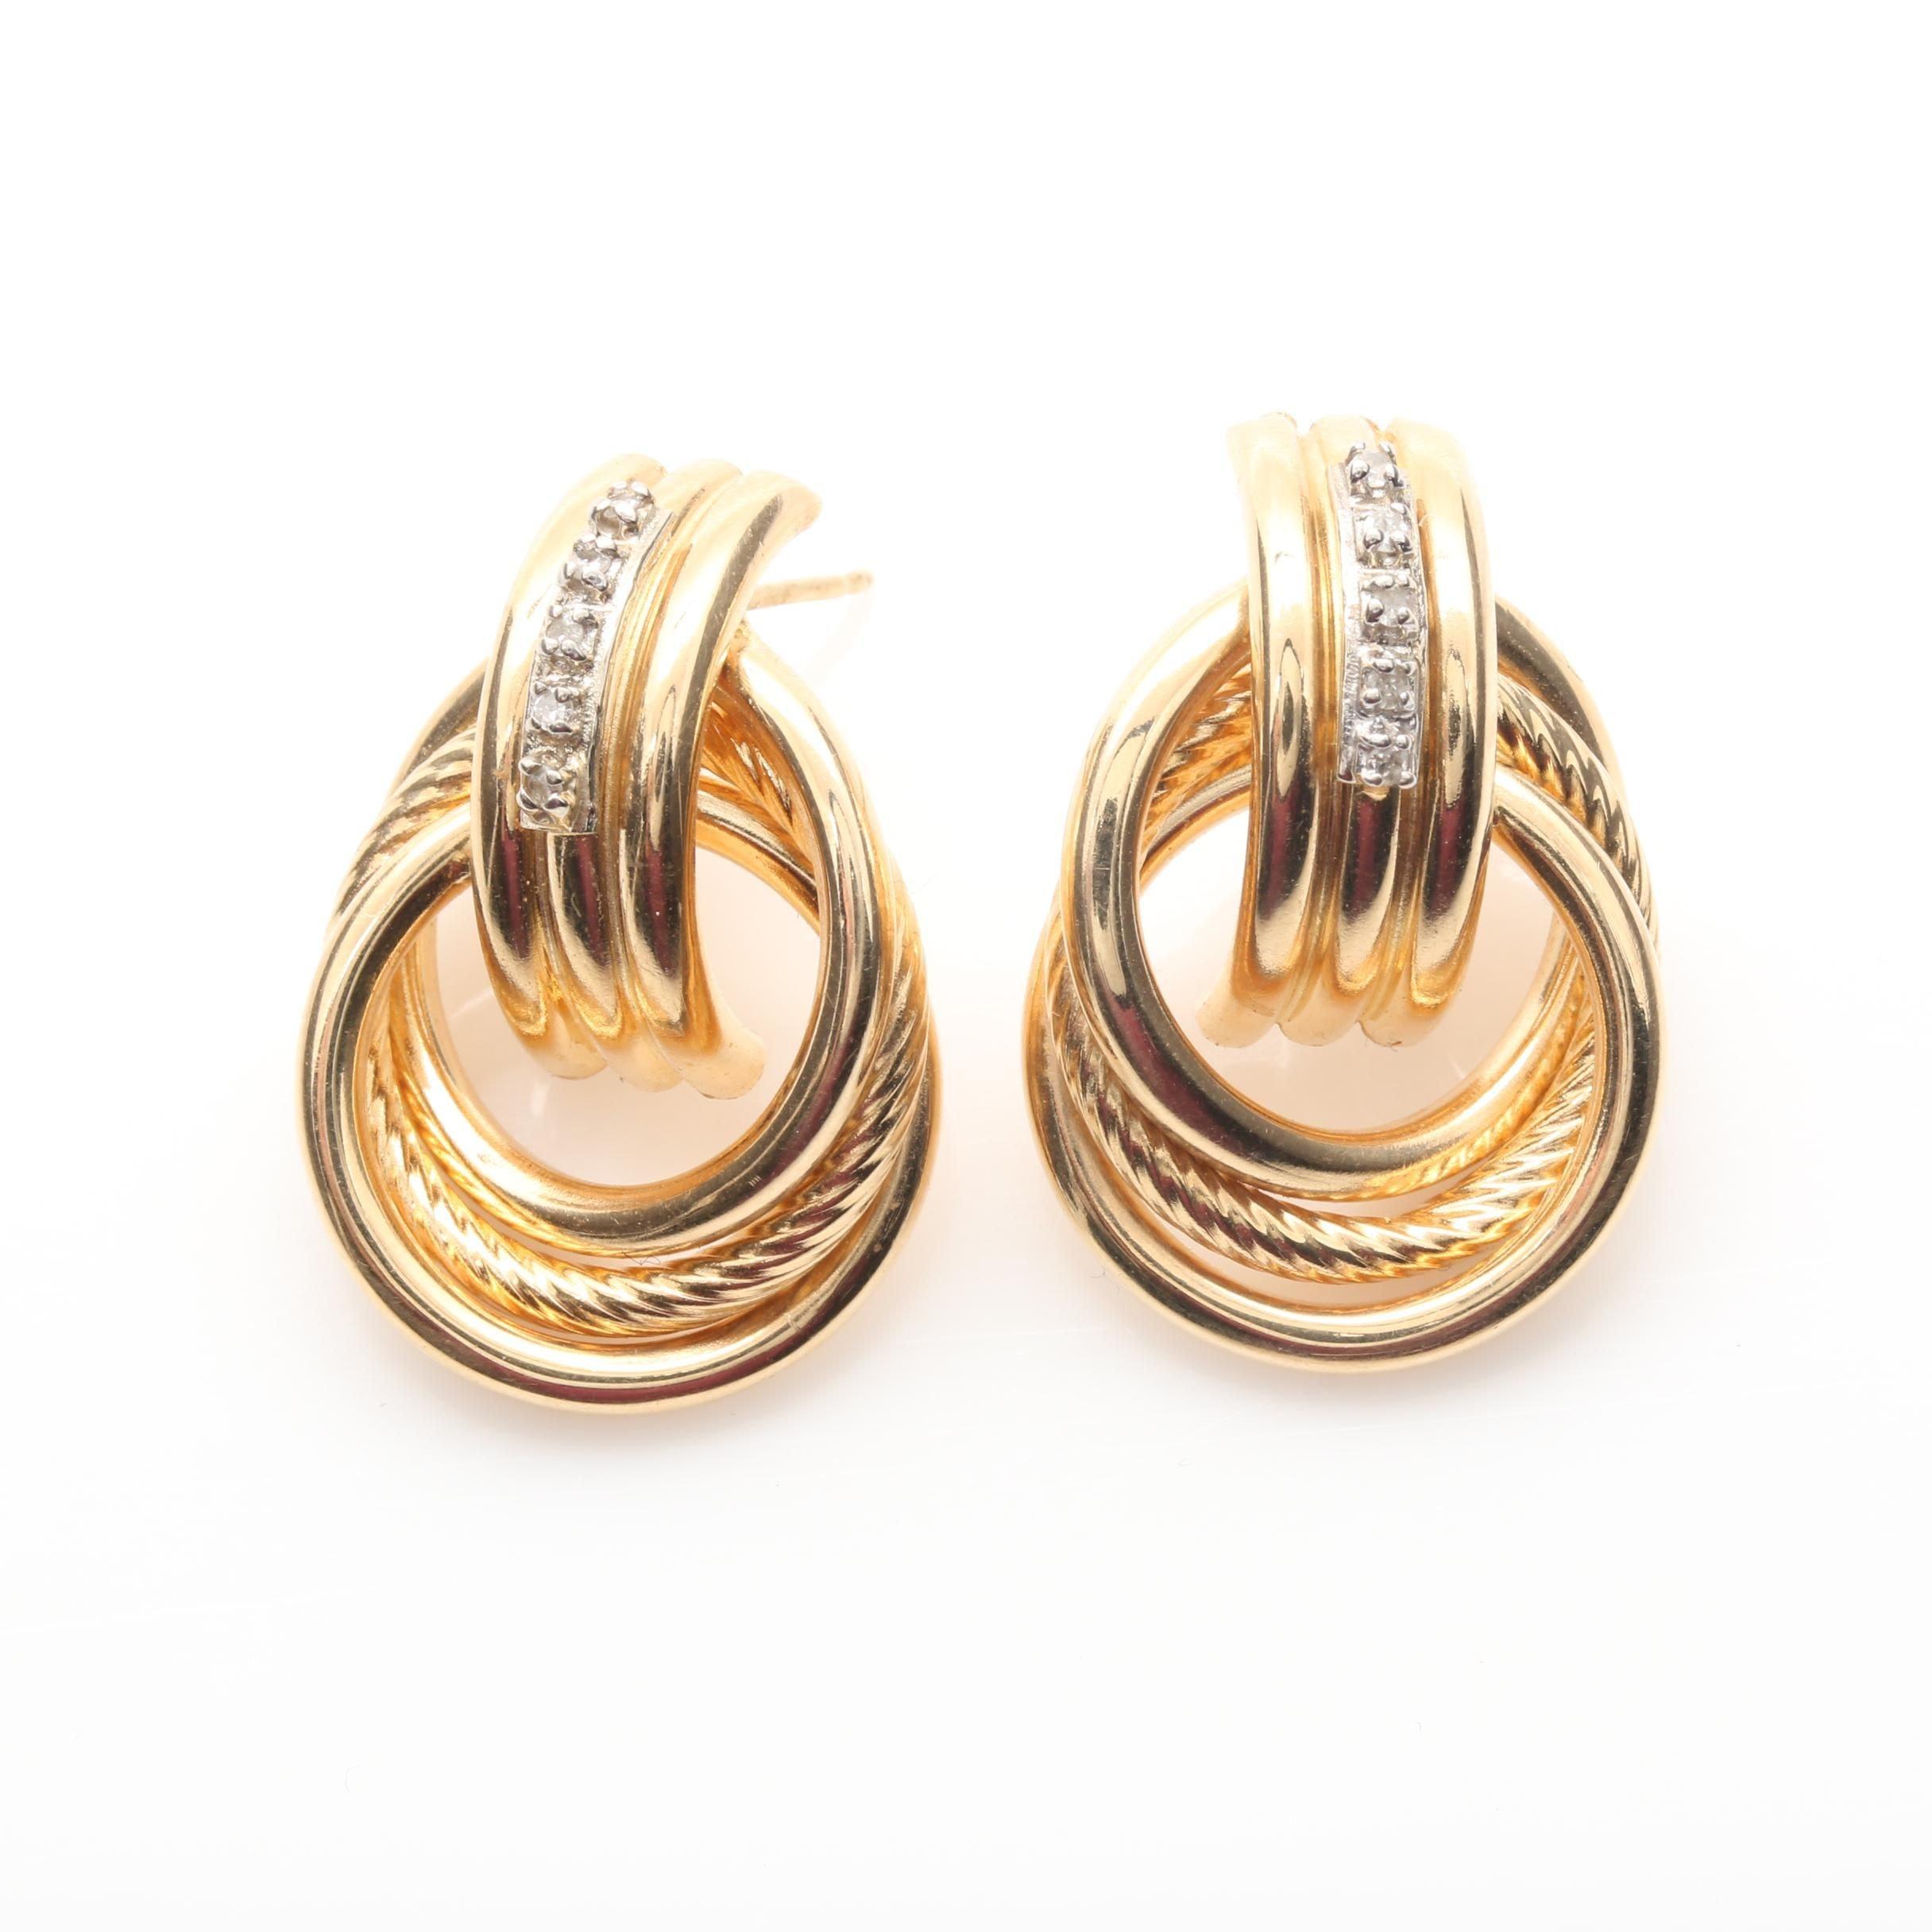 14K Yellow Gold Diamond Doorknocker Earrings